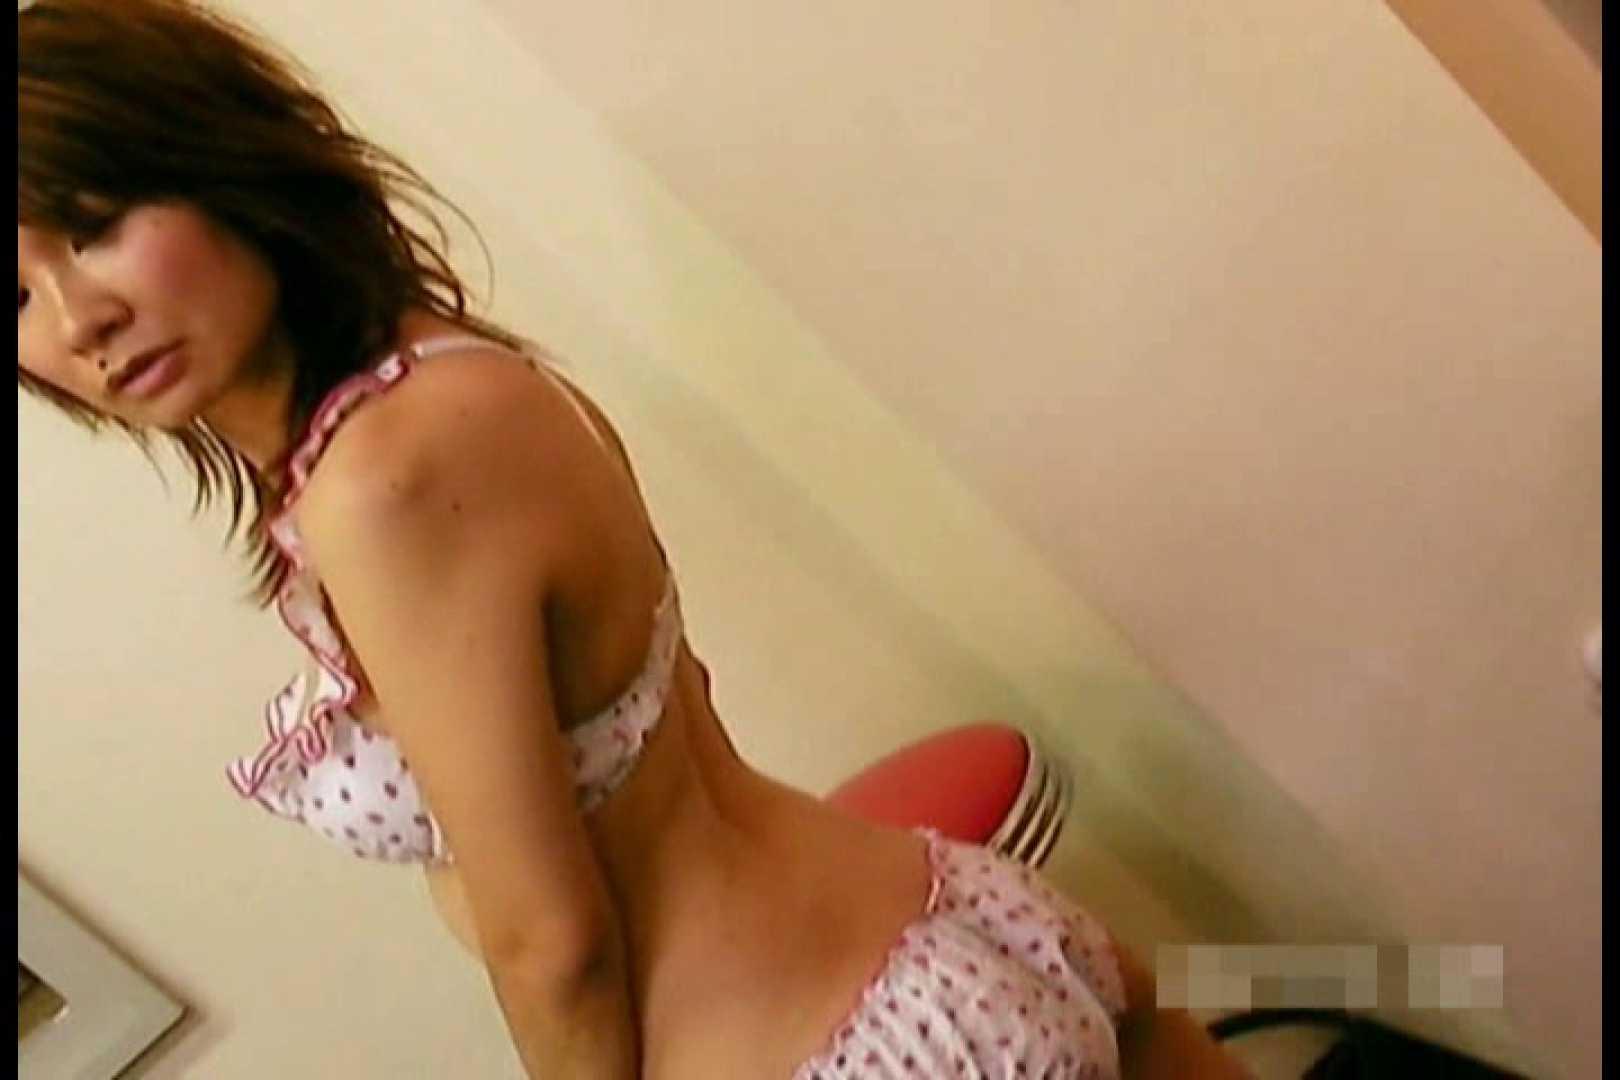 素人撮影 下着だけの撮影のはずが・・・まり25歳 細身女性  67連発 42